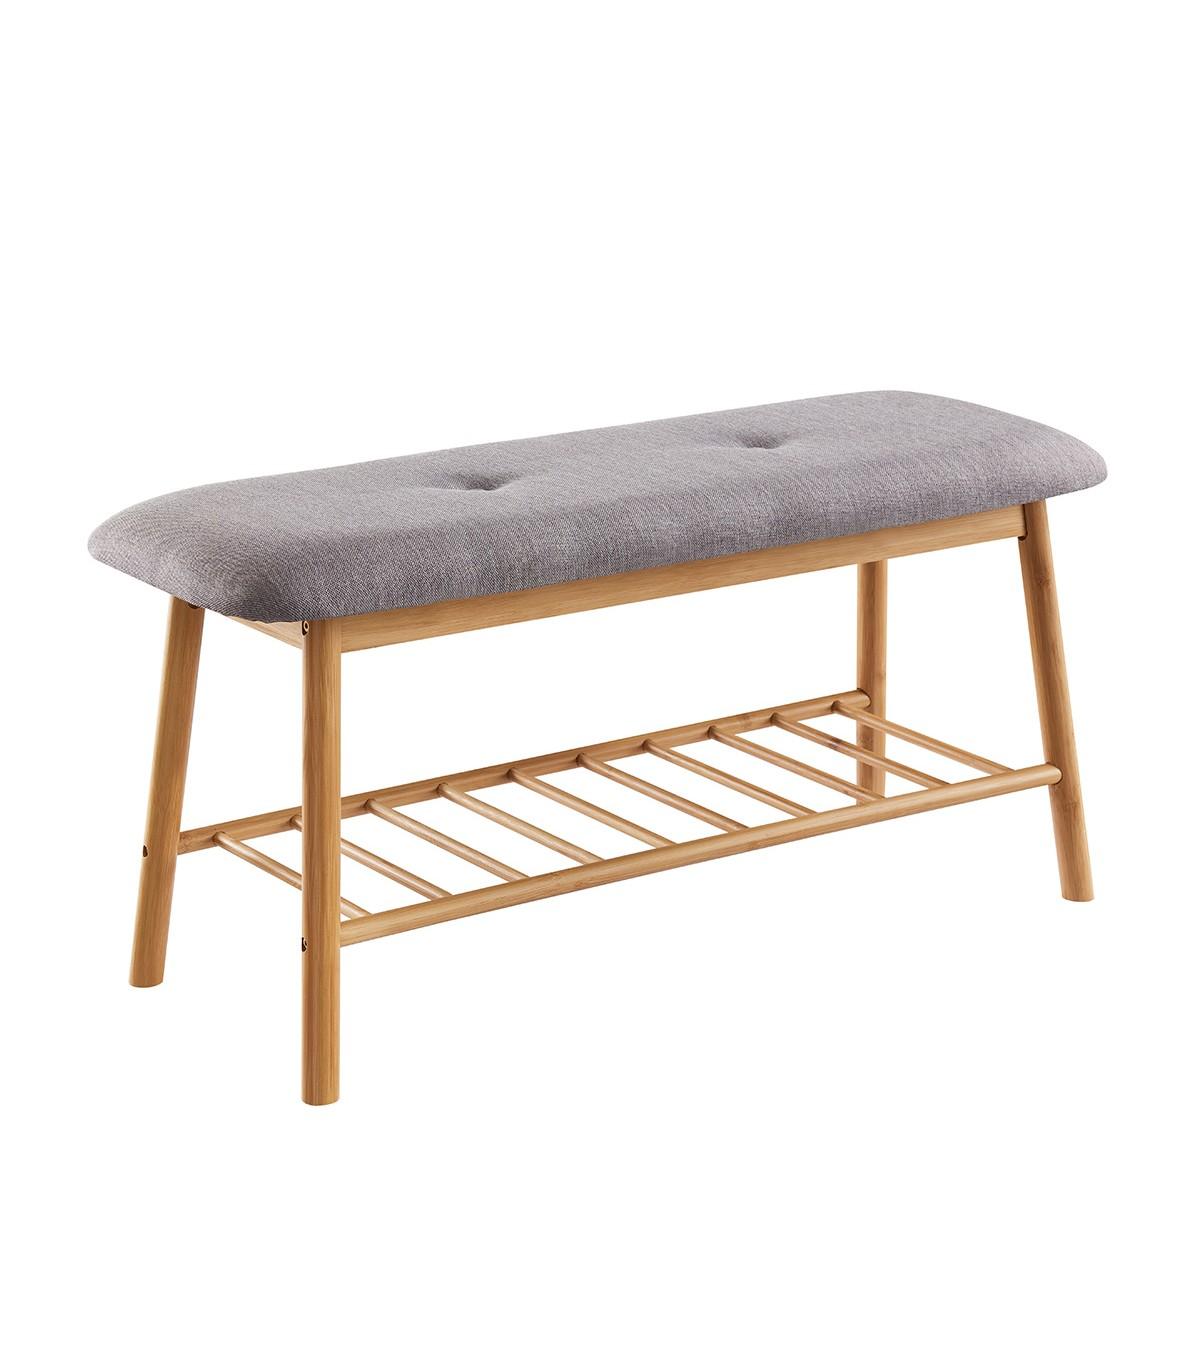 Banc avec assise en tissu gris et structure en bambou